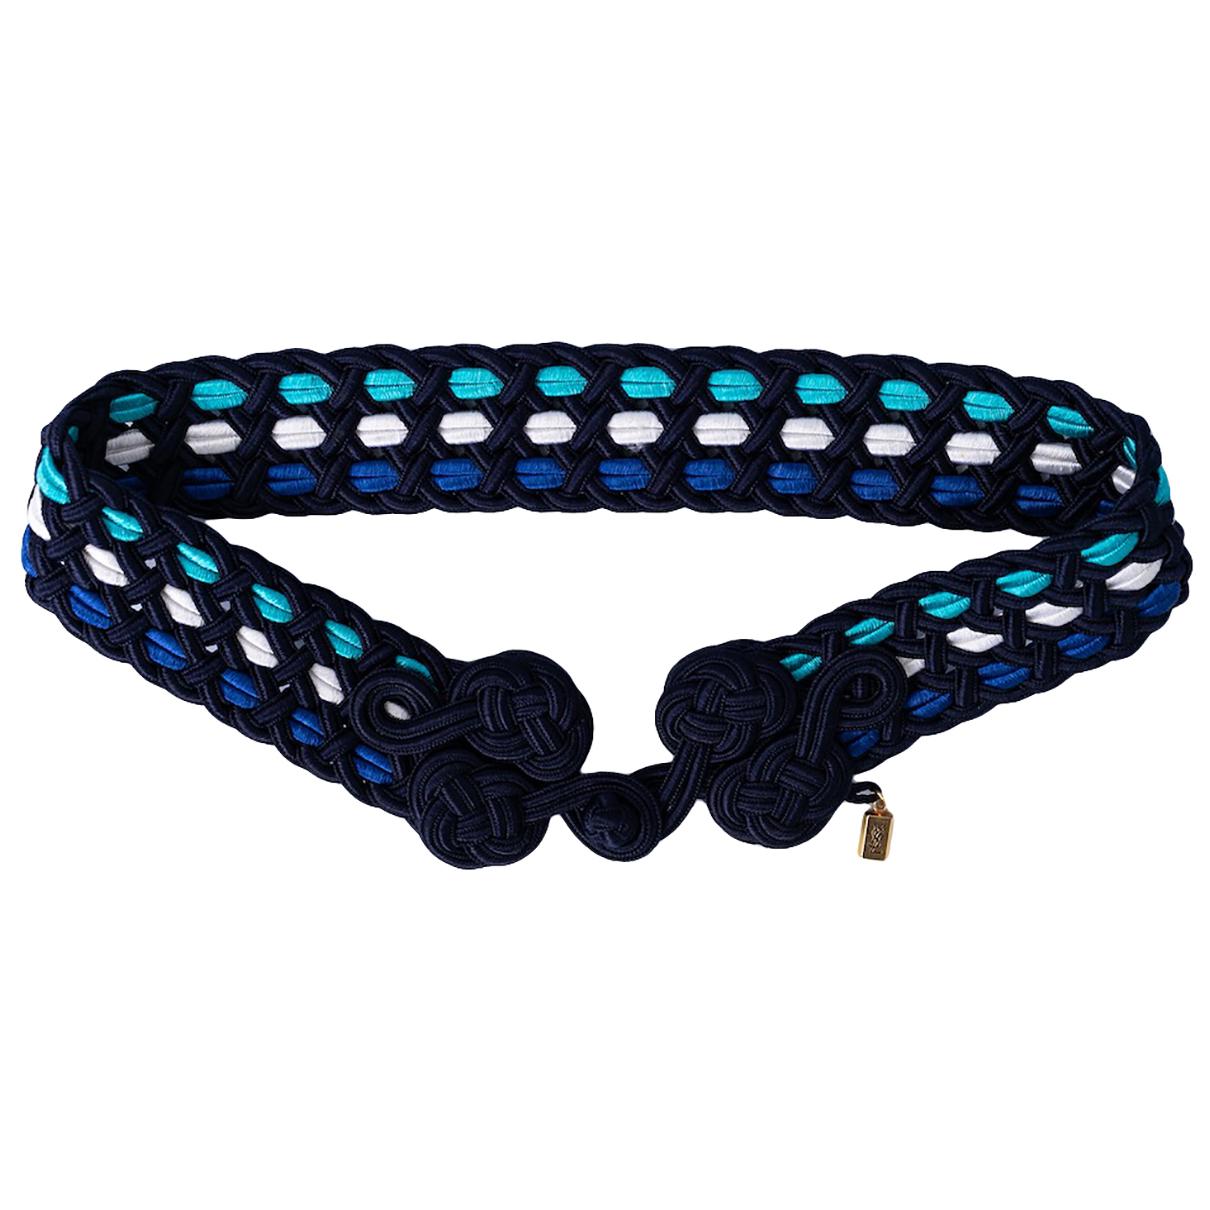 Yves Saint Laurent N Blue belt for Women 75 cm